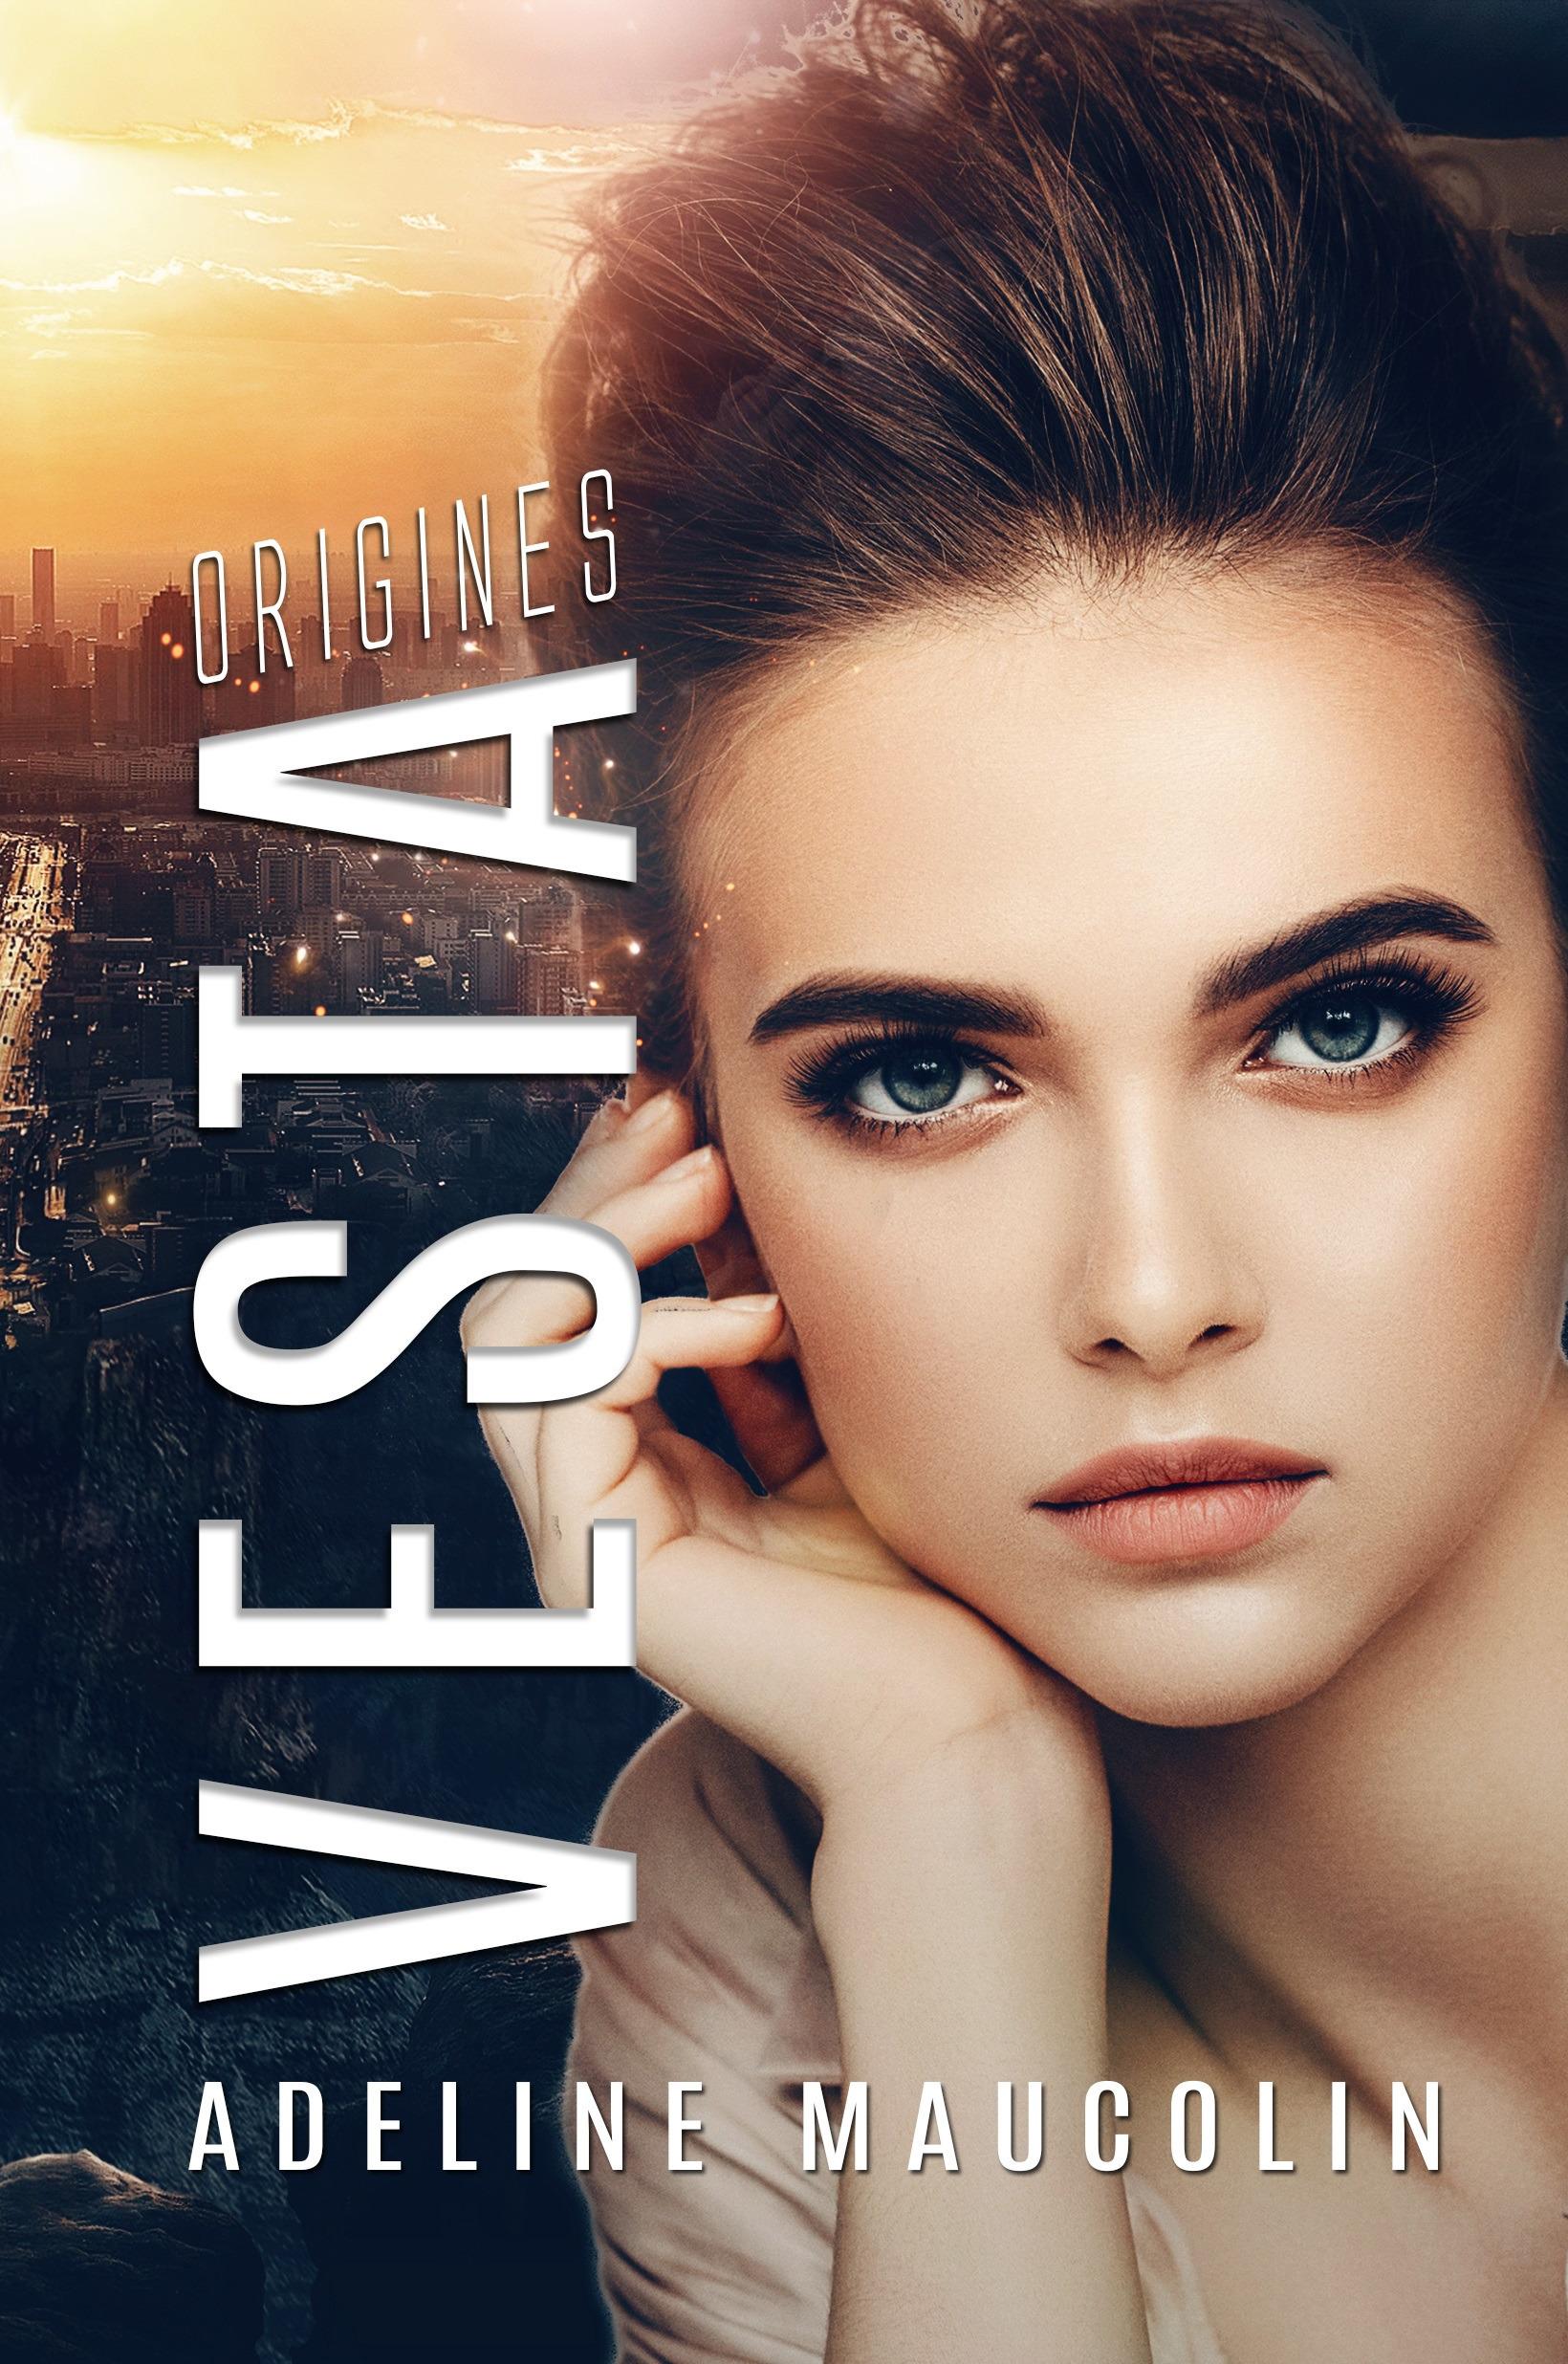 Vesta - Origine  - Adeline Maucolin